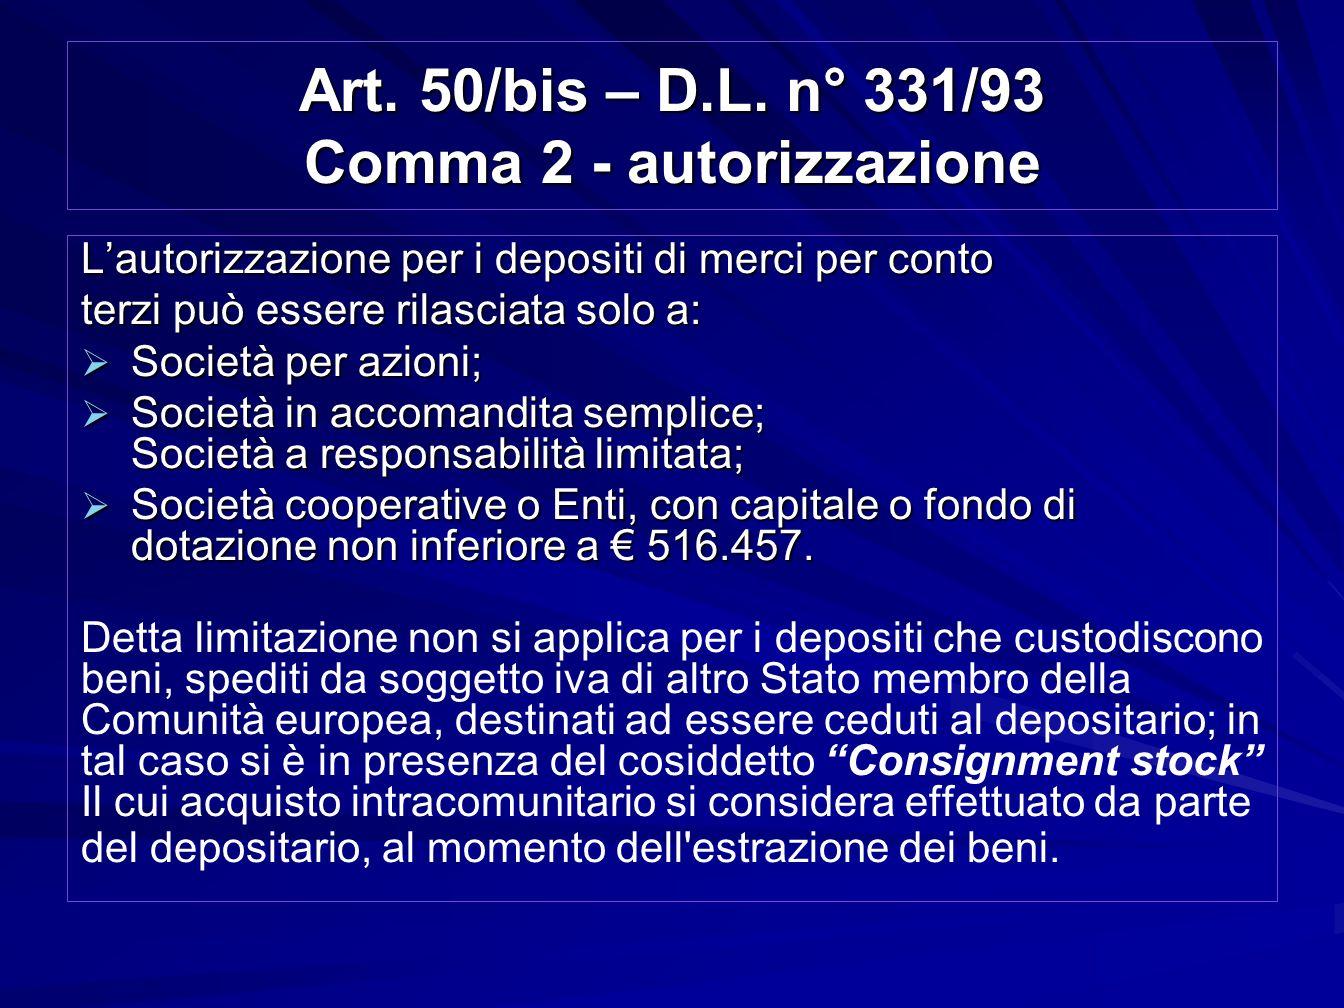 Art. 50/bis – D.L. n° 331/93 Comma 2 - autorizzazione